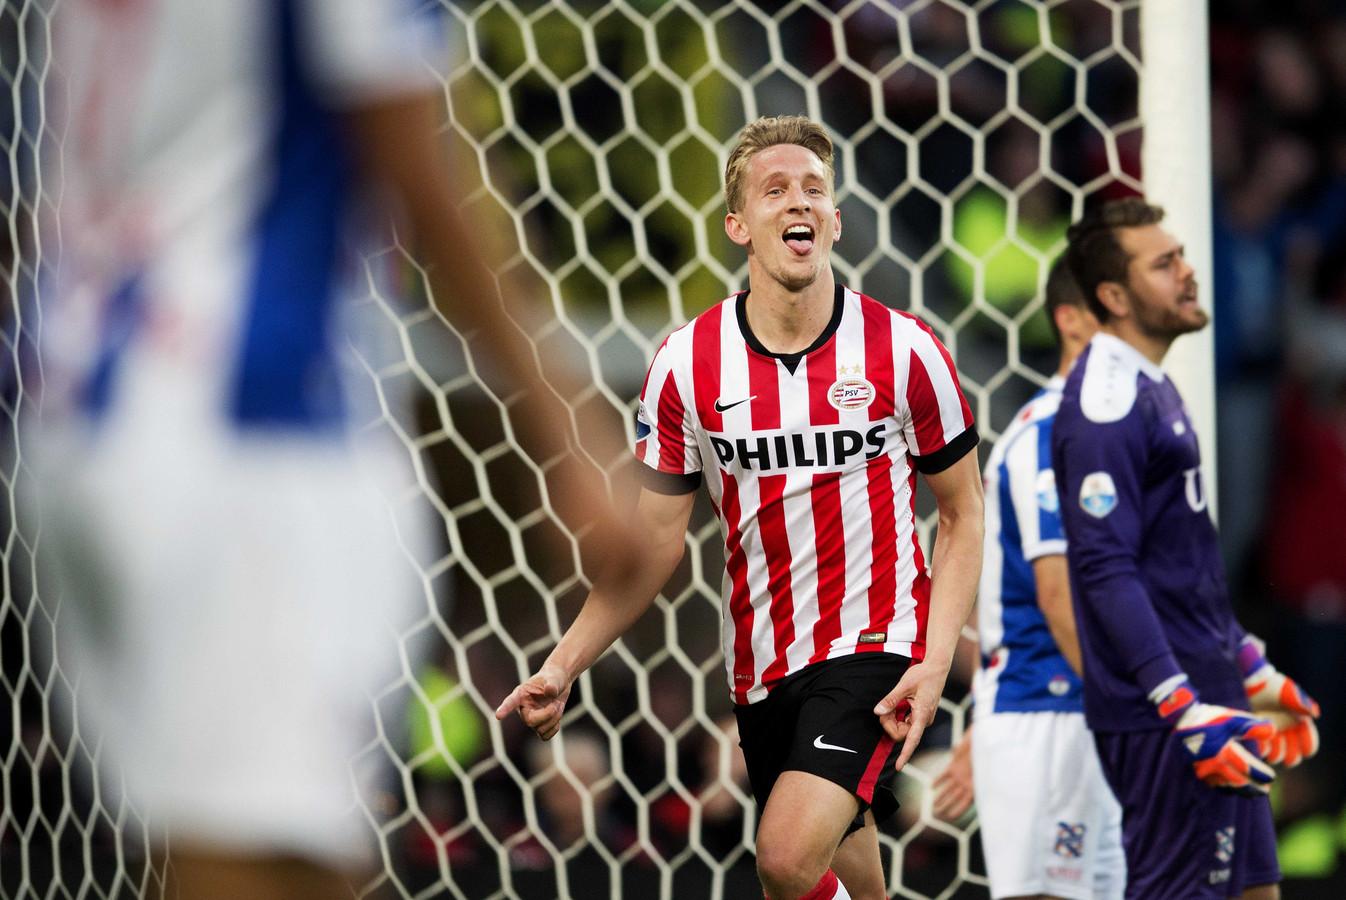 Philips was tot en met seizoen 2015-2016 de hoofdsponsor van PSV. Daarna kwam energiedirect.nl (drie seizoenen) en nu is Brainport Eindhoven alweer voor het derde seizoen aan de beurt.